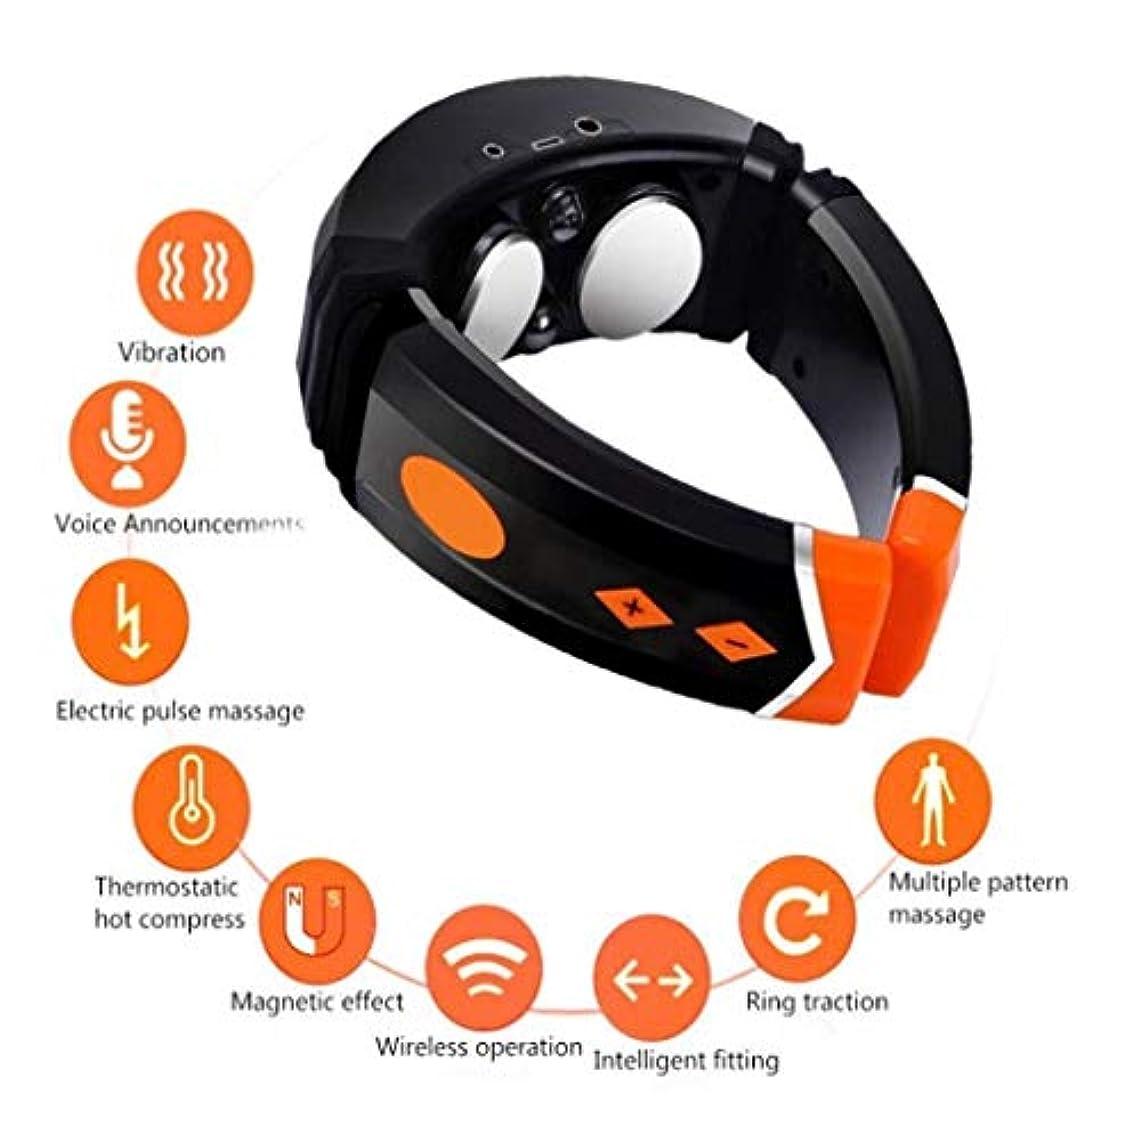 温度役に立つ取り付け首のマッサージャー、3D首のマッサージャー、ストレスや痛みを和らげる暖房/音声放送/Bluetooth音楽/多機能マッサージ